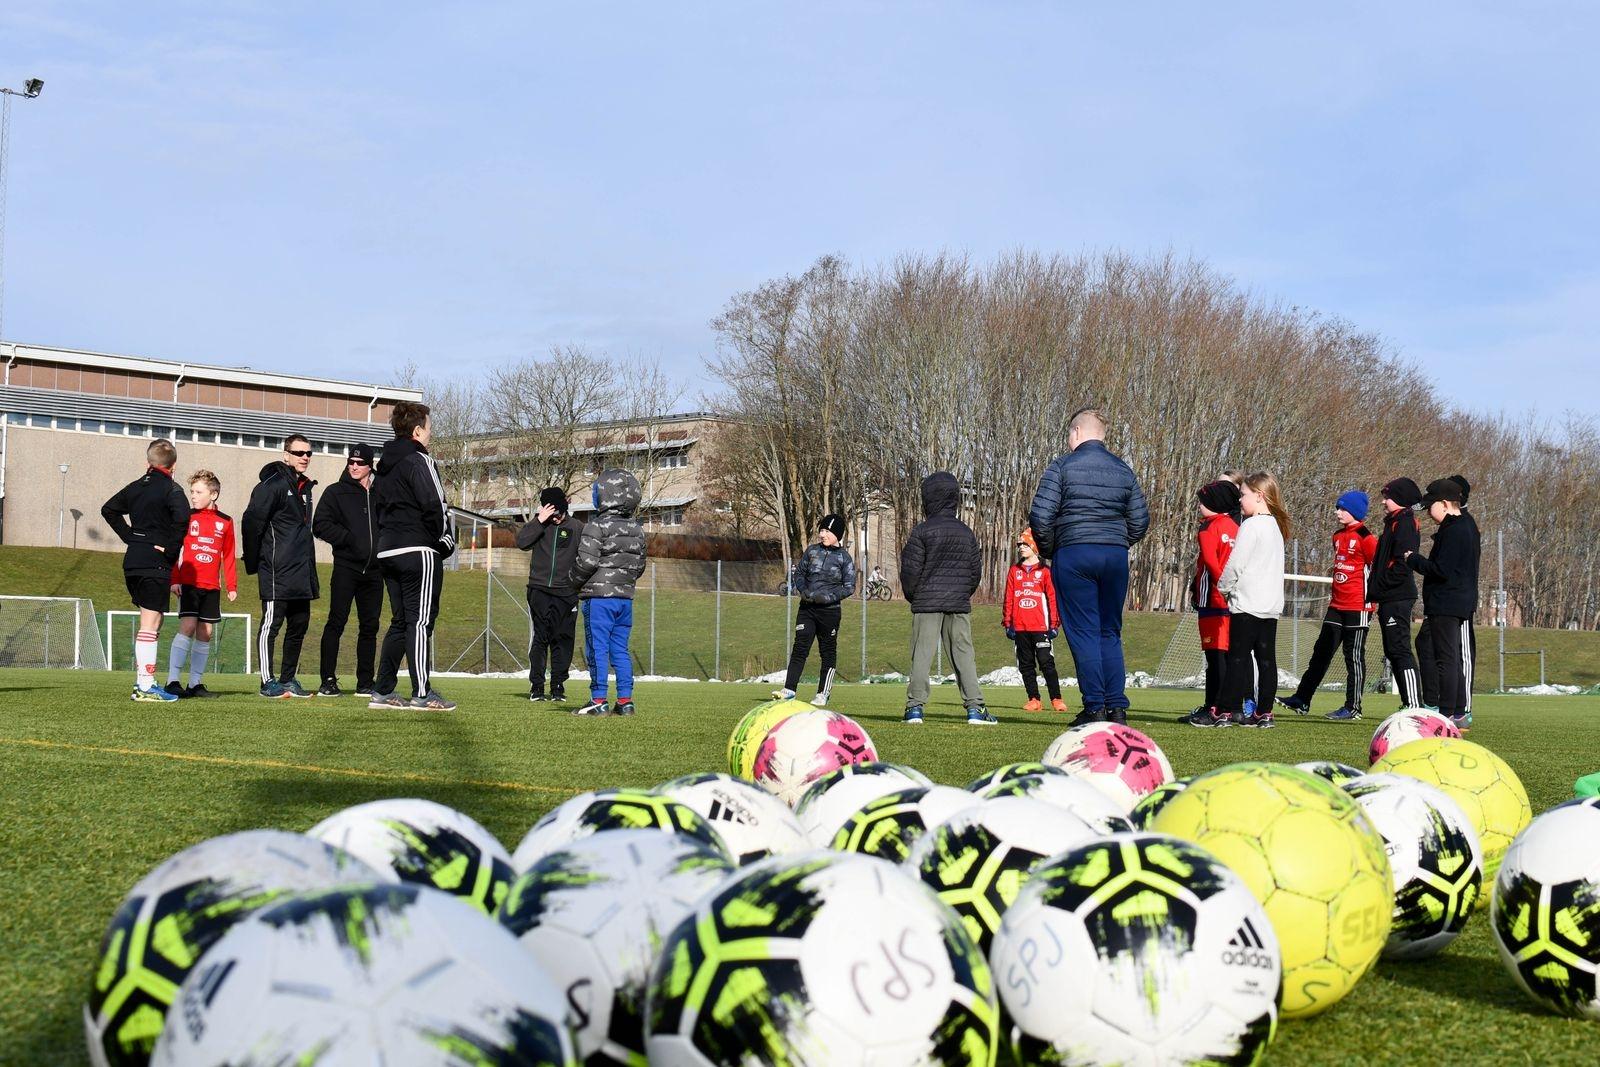 Solen sken över konstgräsplanen vid Kastanjeskolan i Tomelilla när Spjutstorps IF bjöd in till sportlovsfotboll.